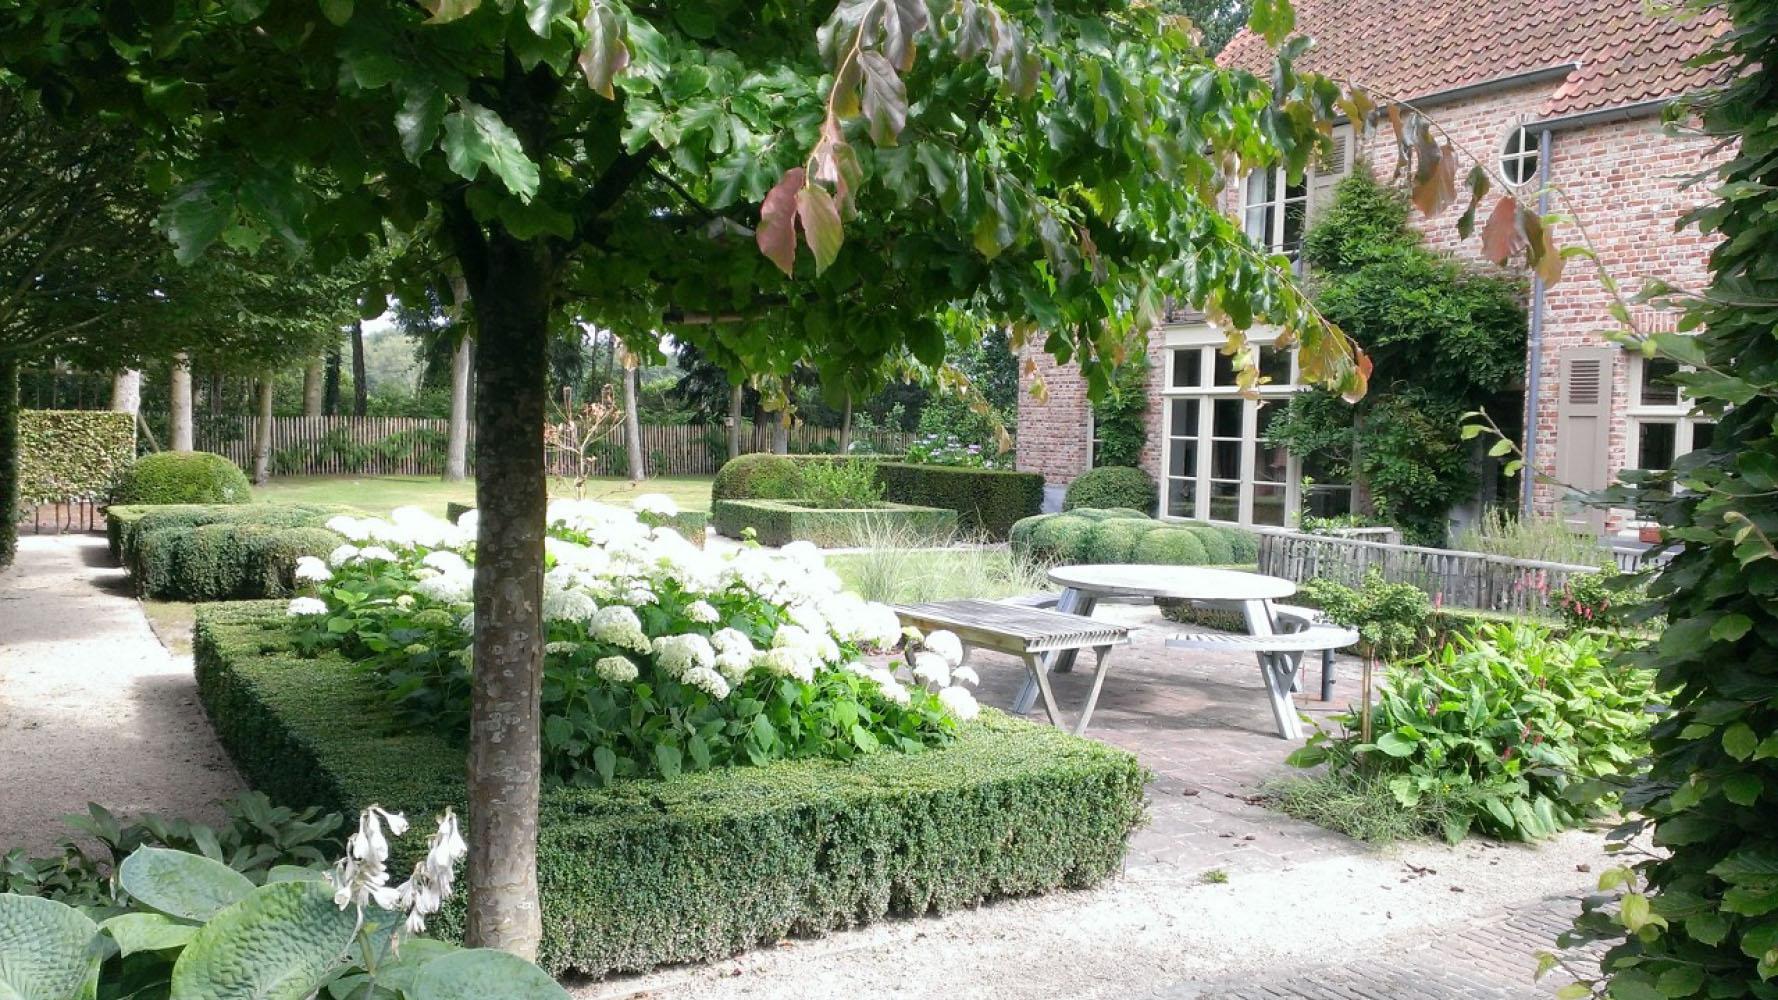 Uitzonderlijk Aanleg landelijke tuinen - Voorbeelden landelijke tuinen - Tuin &FR71